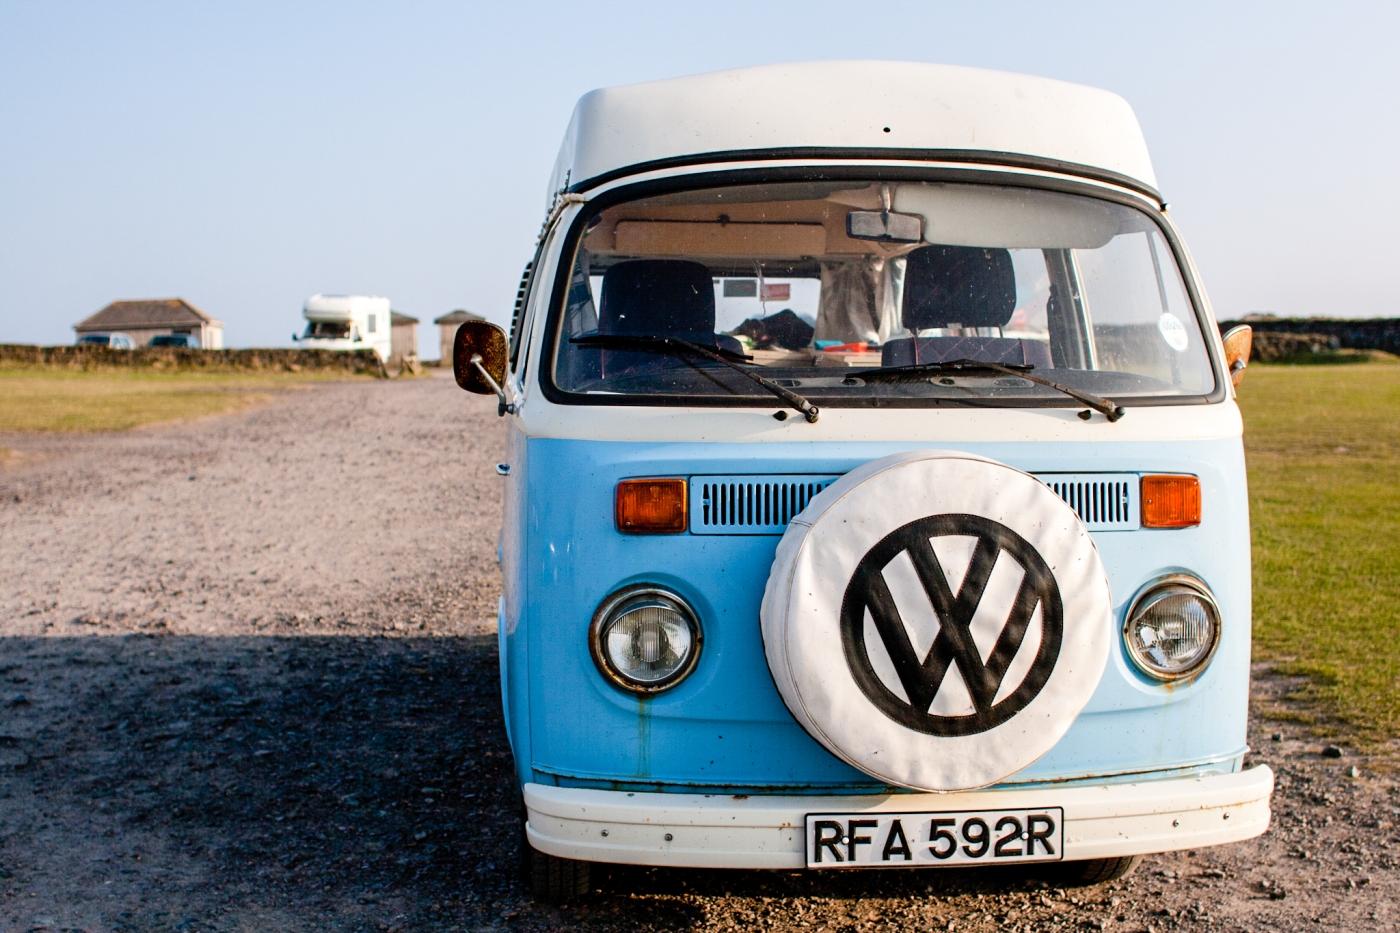 A light blue VW camper van parked in a carpark